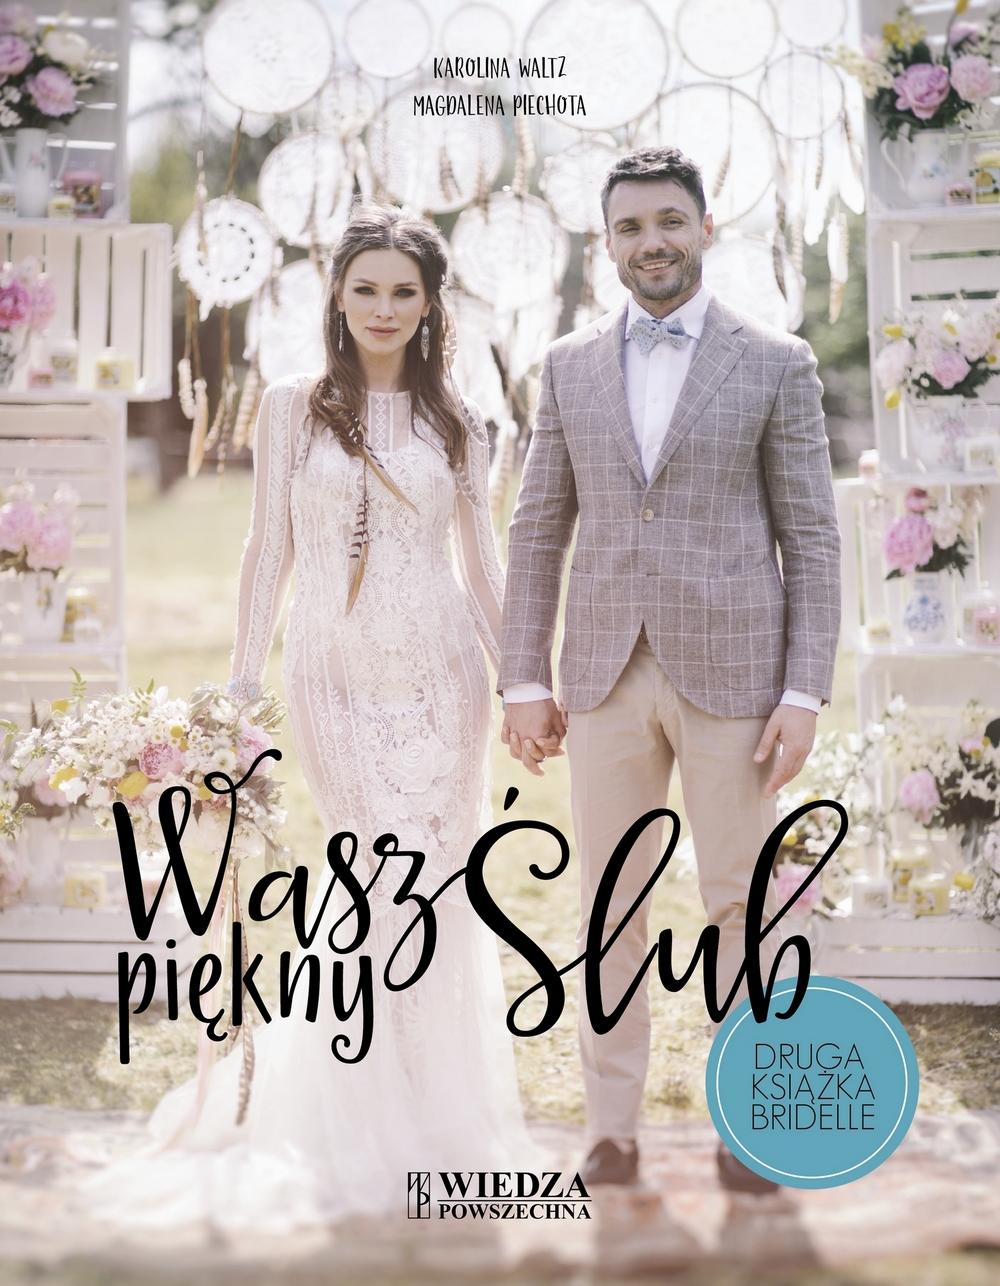 Wasz Piękny Ślub foto do artykułu